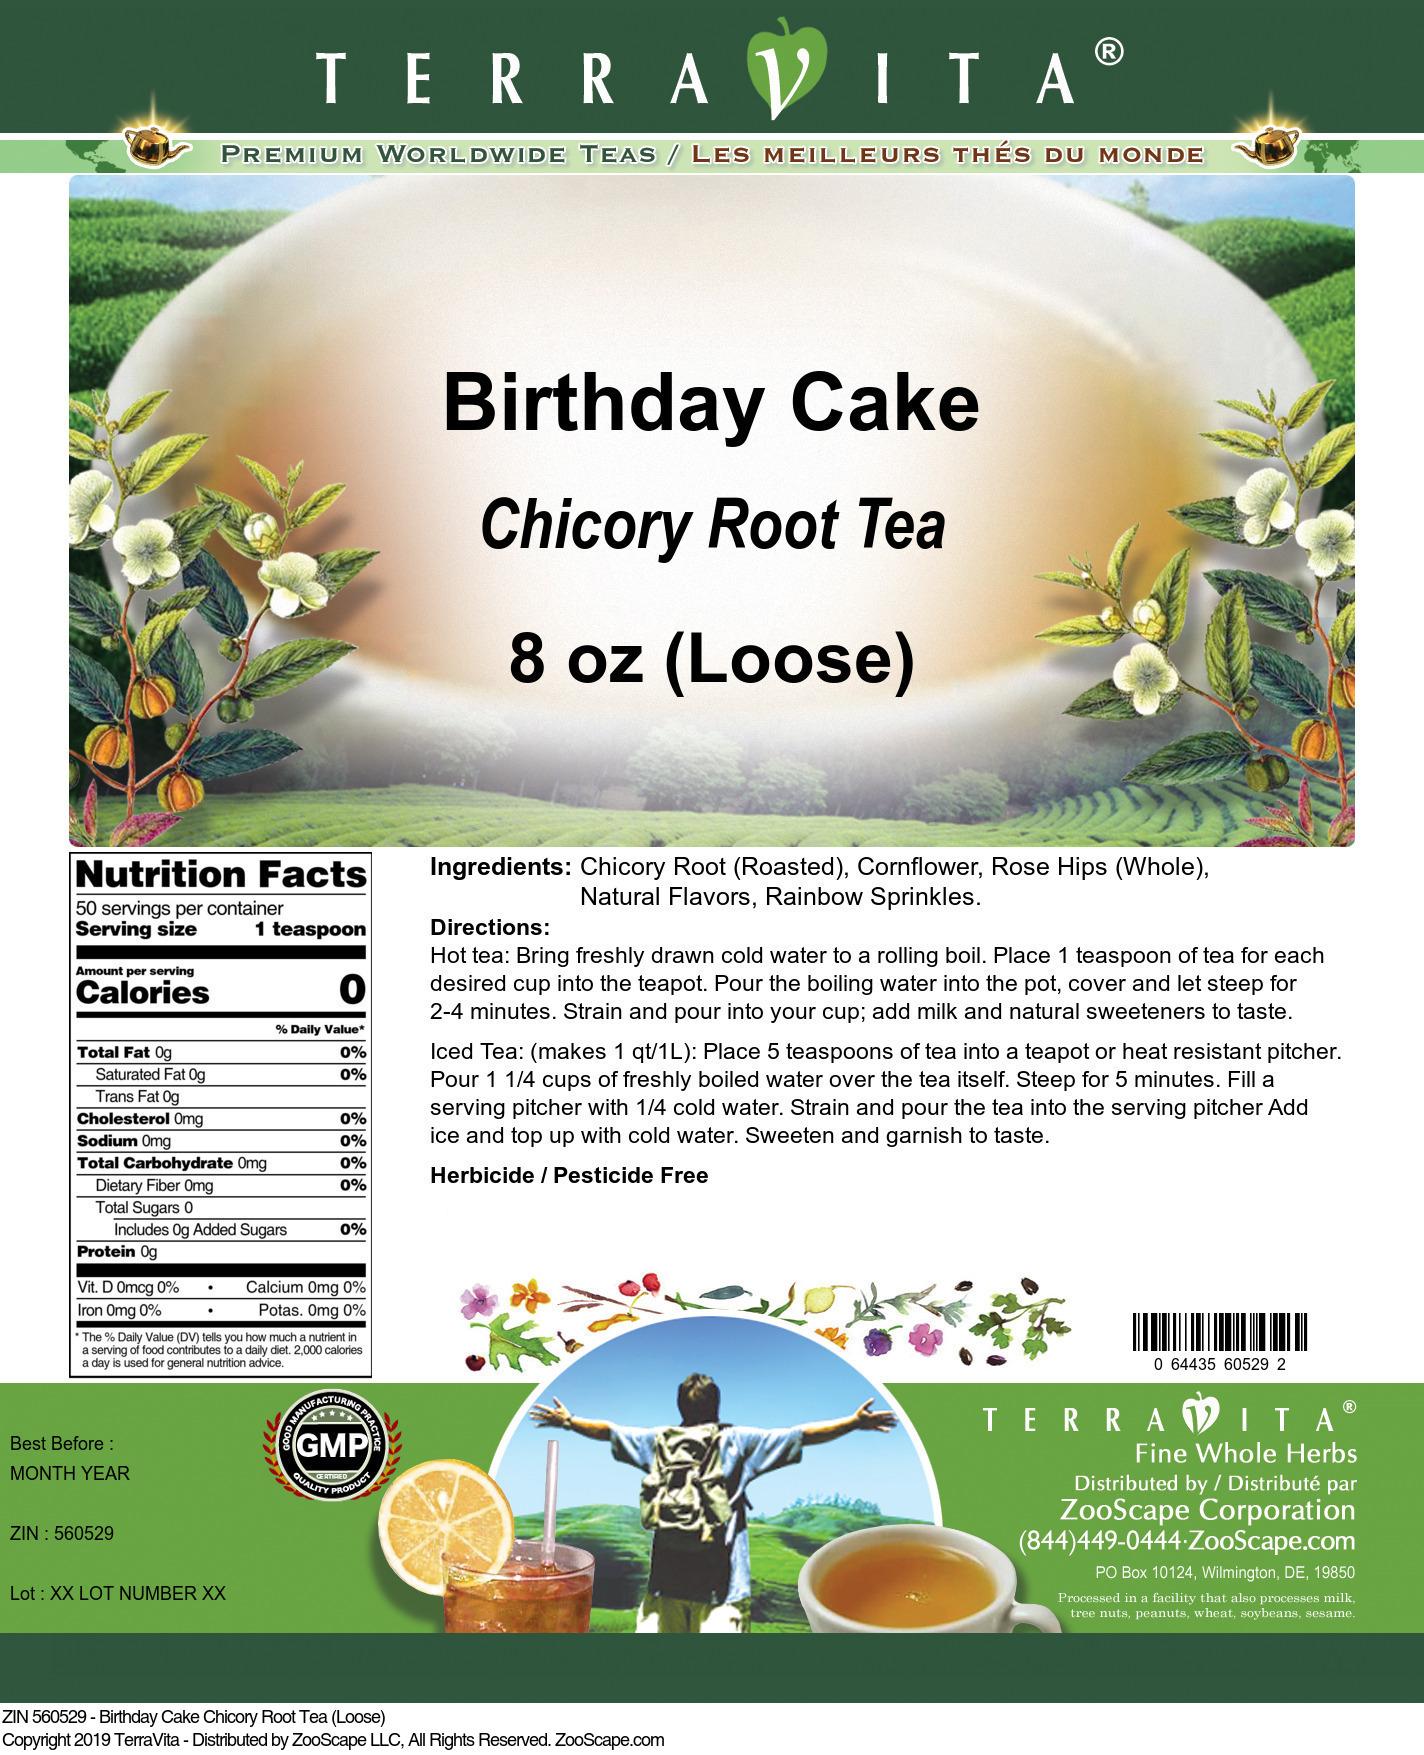 Birthday Cake Chicory Root